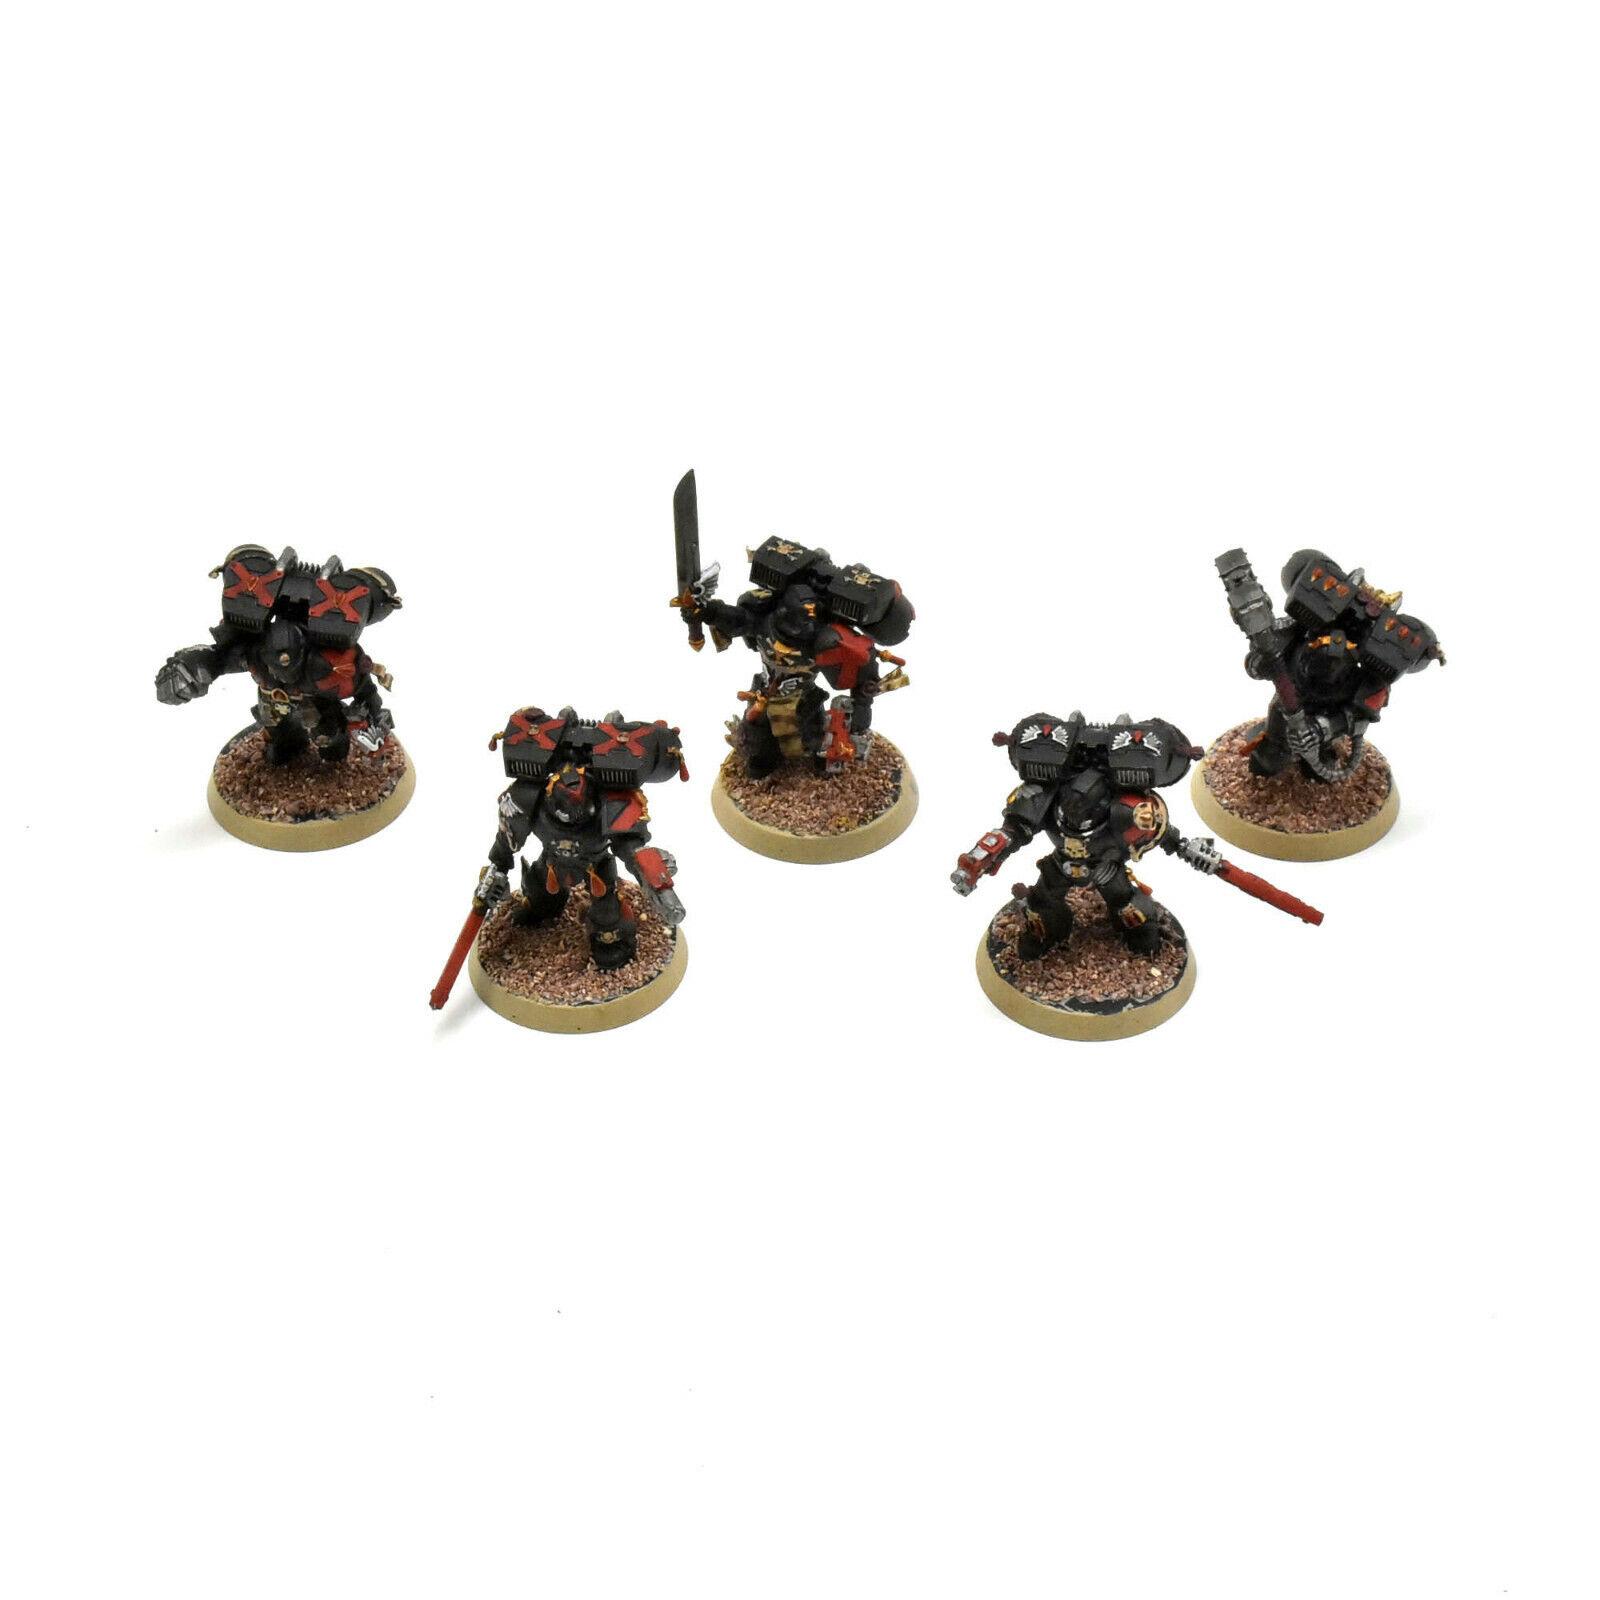 Ángeles de sangre Equipo de compañía de la muerte de 6 con salto Pack  3 pintado warhammer 40K